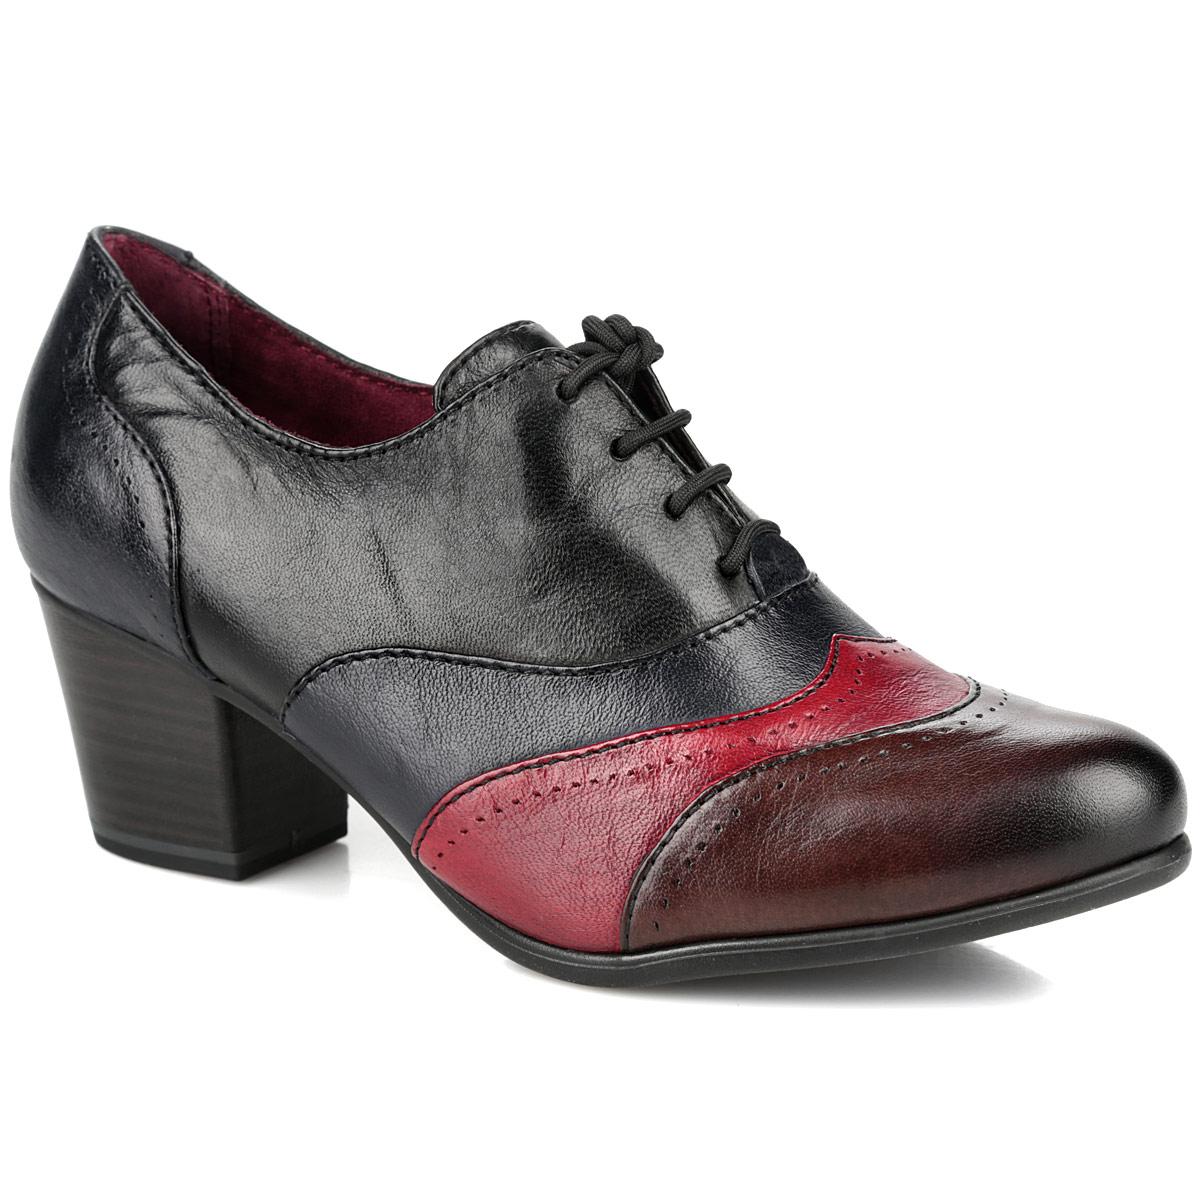 Ботильоны. 1-1-23305-25-0981-23305-25-098Эффектные ботильоны от Tamaris займут достойное место в вашем гардеробе. Модель выполнена из натуральной кожи и оформлена перфорацией, на мысе - вставками контрастных цветов. Шнуровка надежно фиксирует обувь на ноге. Подкладка и стелька из натуральной кожи позволяют ногам дышать. Невысокий каблук, стилизованный под дерево, устойчив. Рифленая поверхность каблука и подошвы защищает изделие от скольжения. Модные ботильоны помогут вам создать красивый и гармоничный образ!